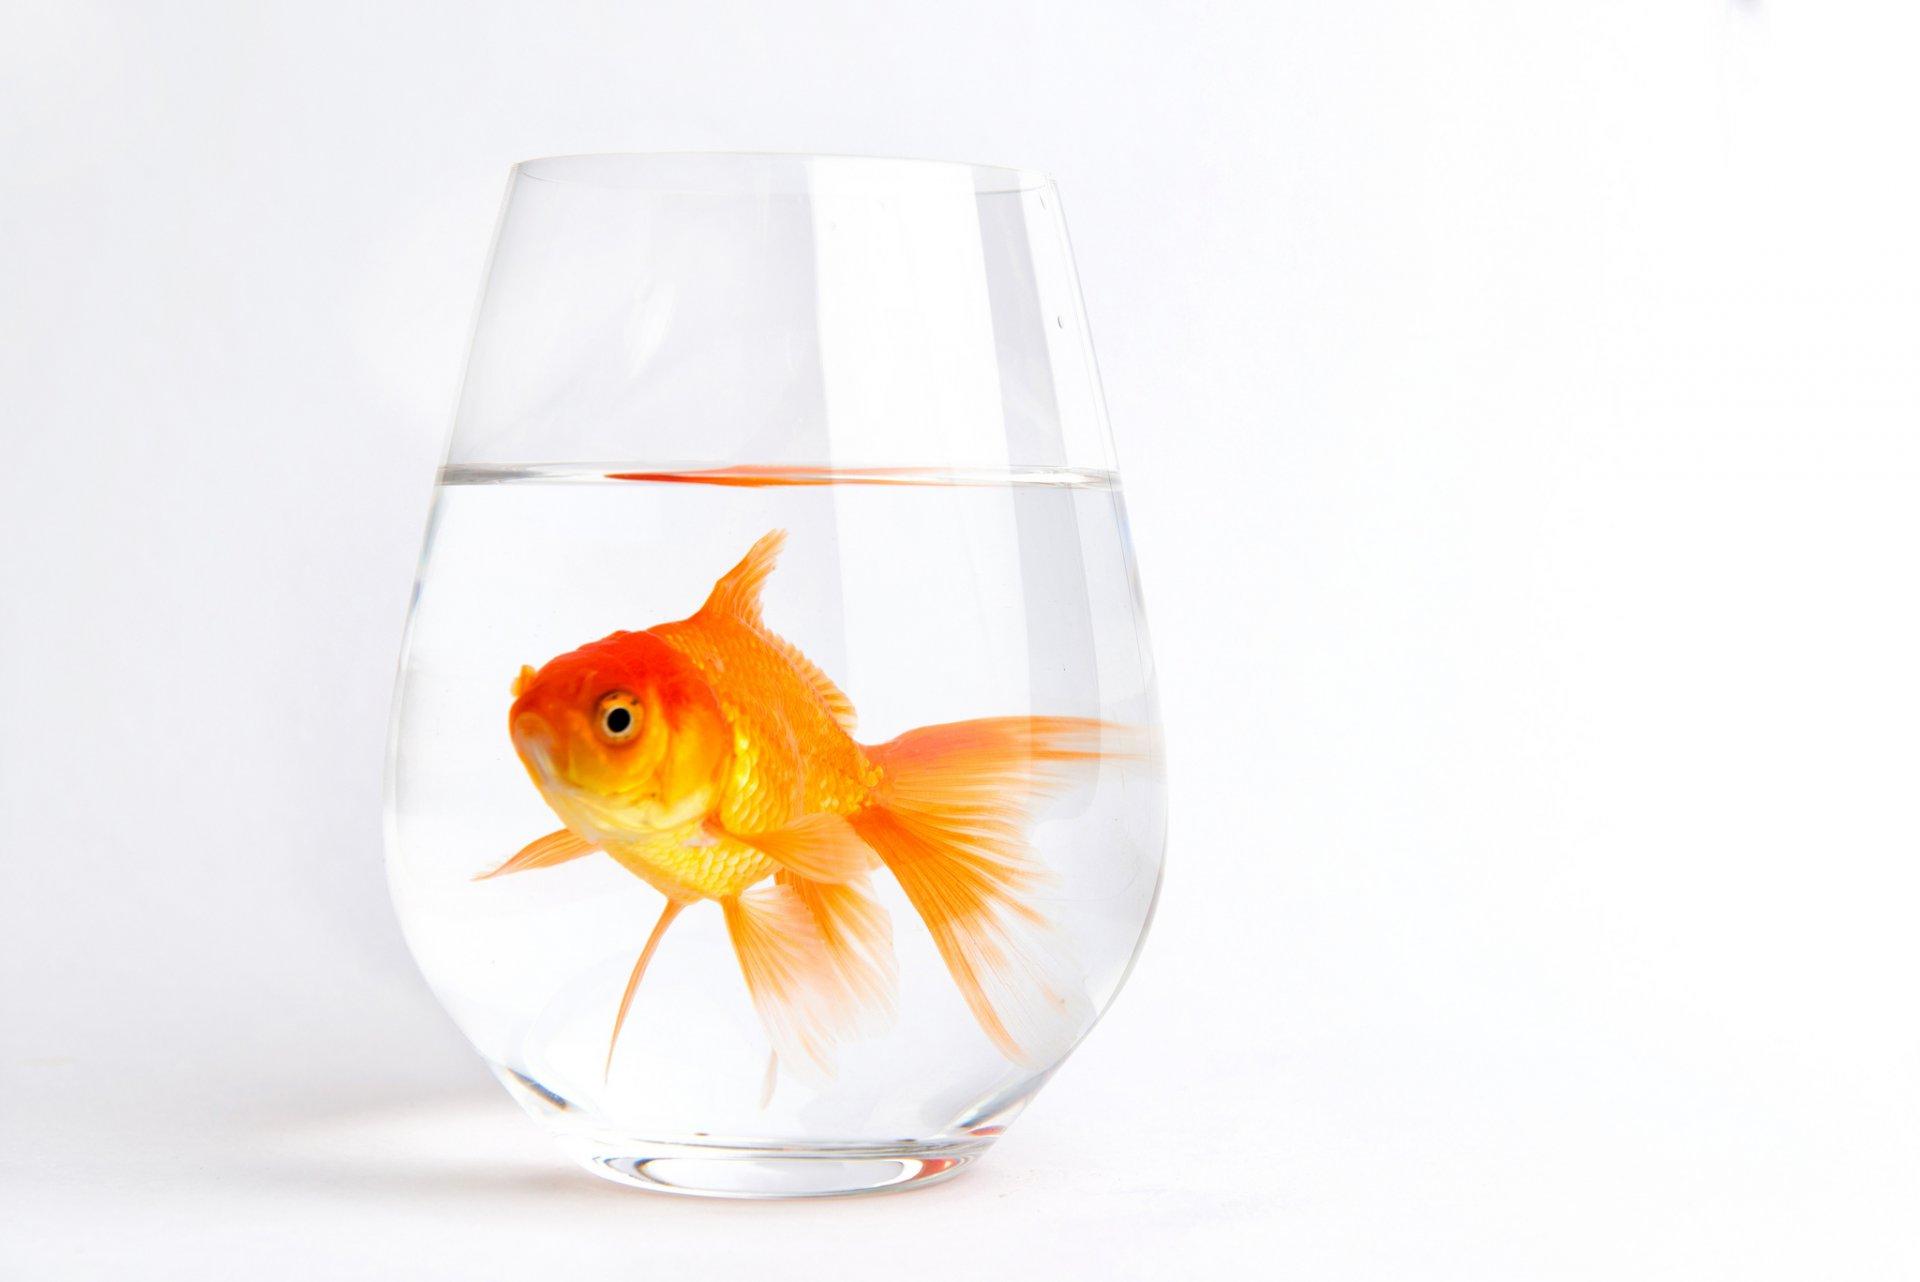 Картинку именем, рыбка в аквариуме открытка